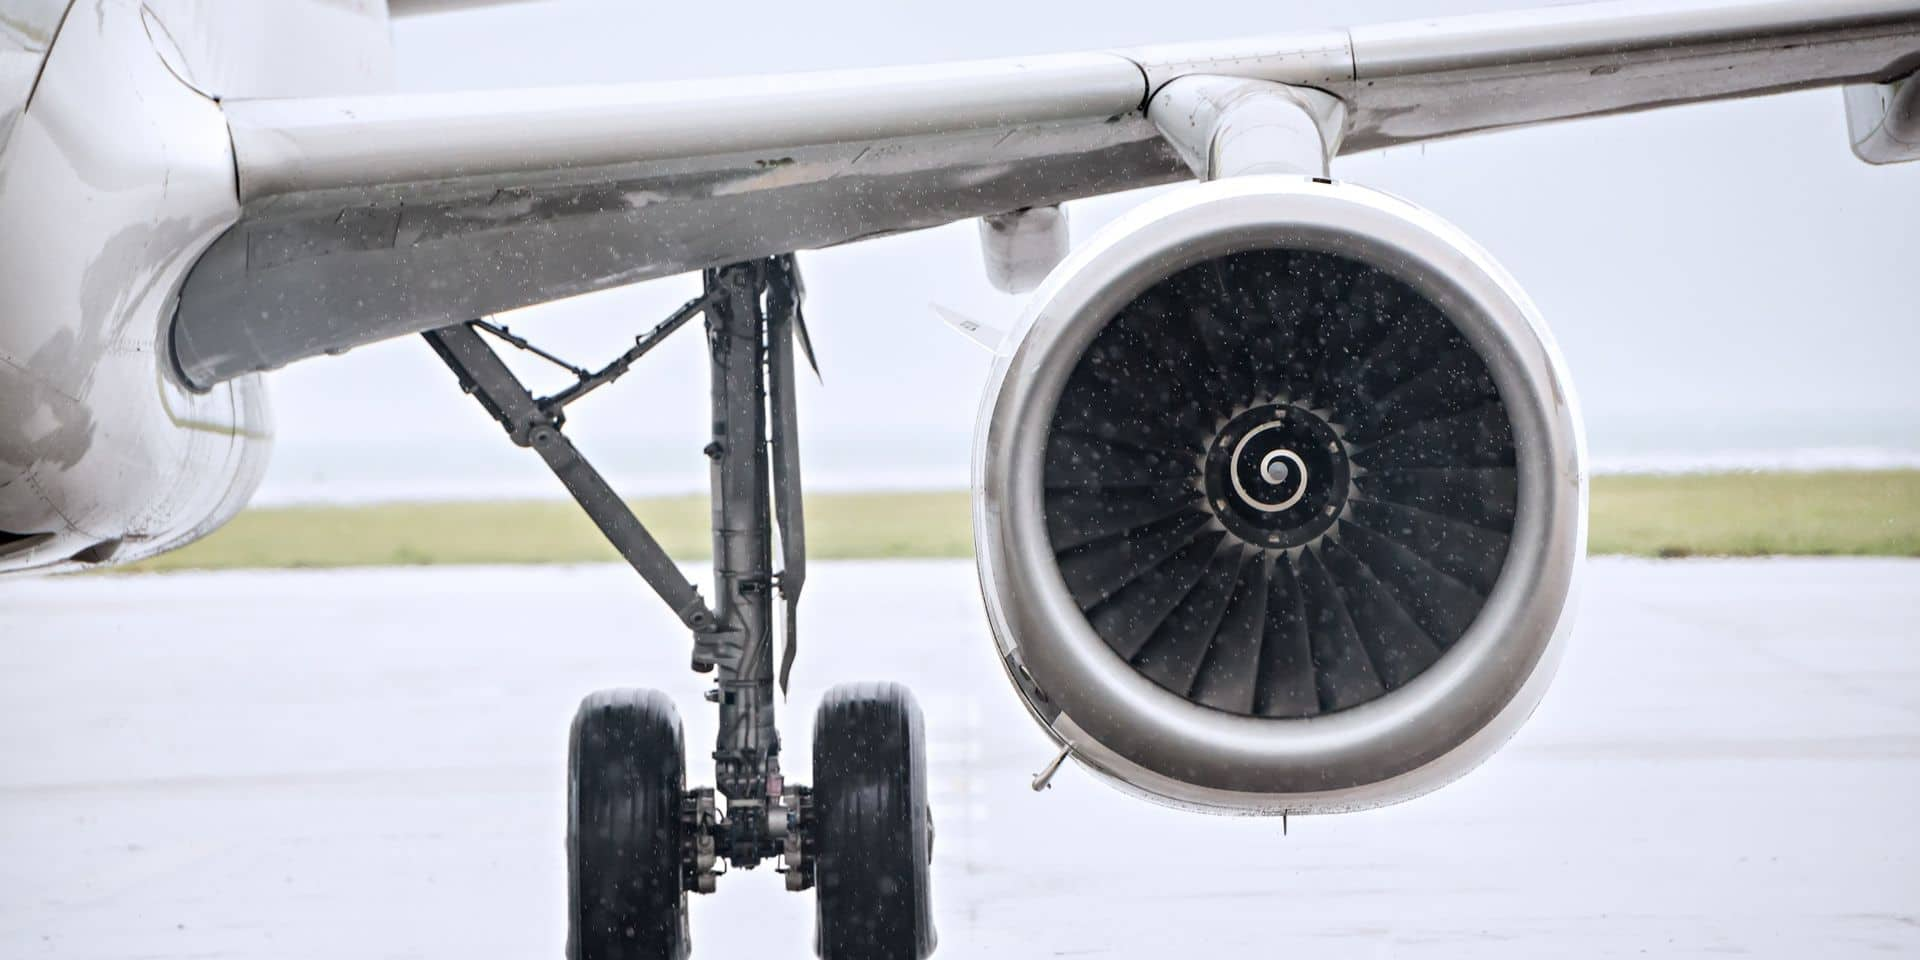 Skywin lance un programme de 112 millions d'euros pour soutenir le secteur aéronautique